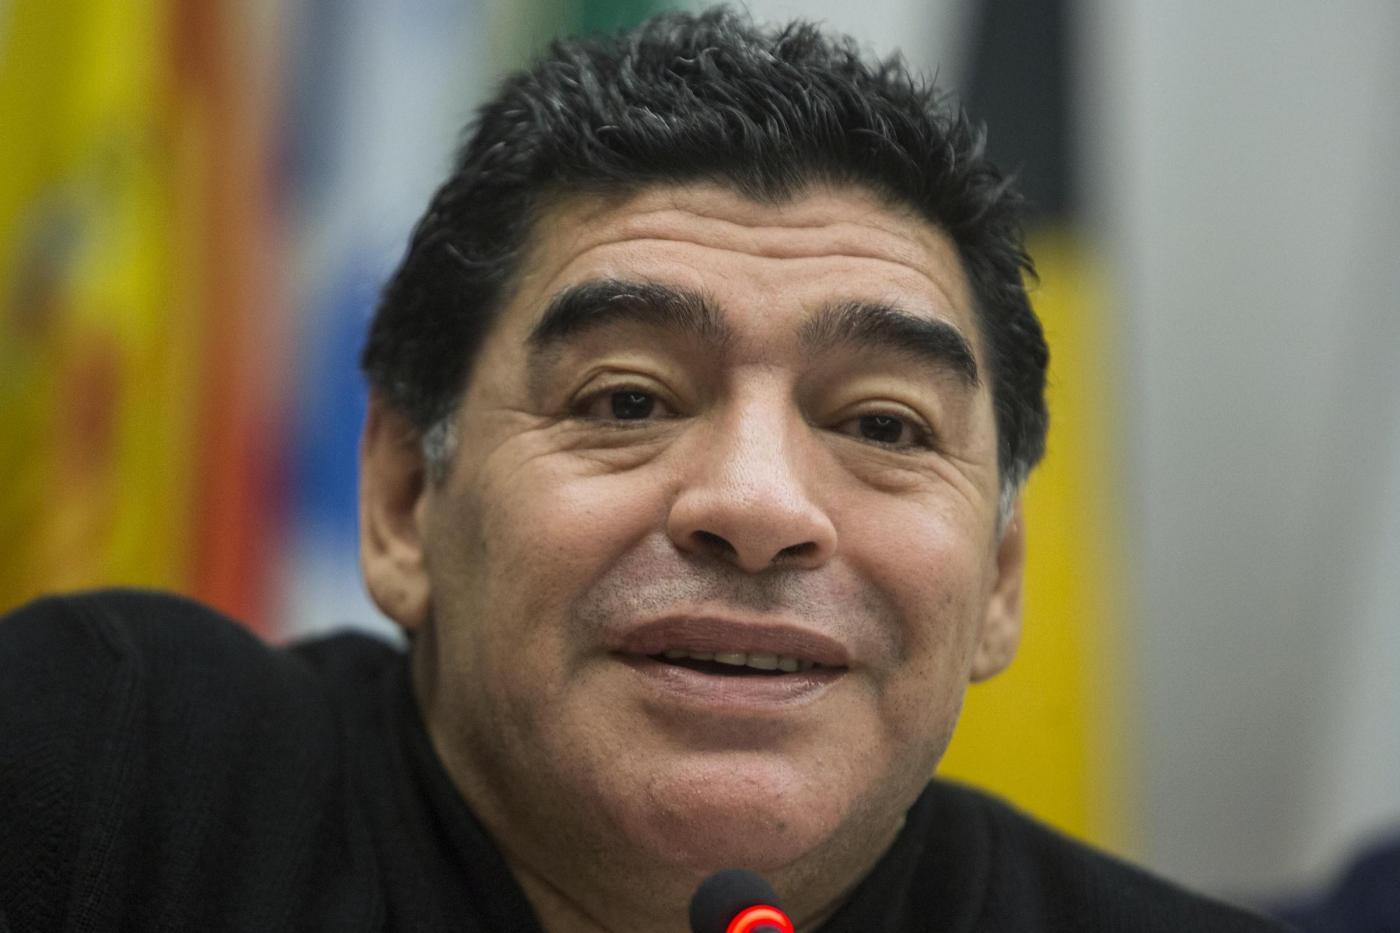 Diego Armando Maradona schiaffeggia un giornalista